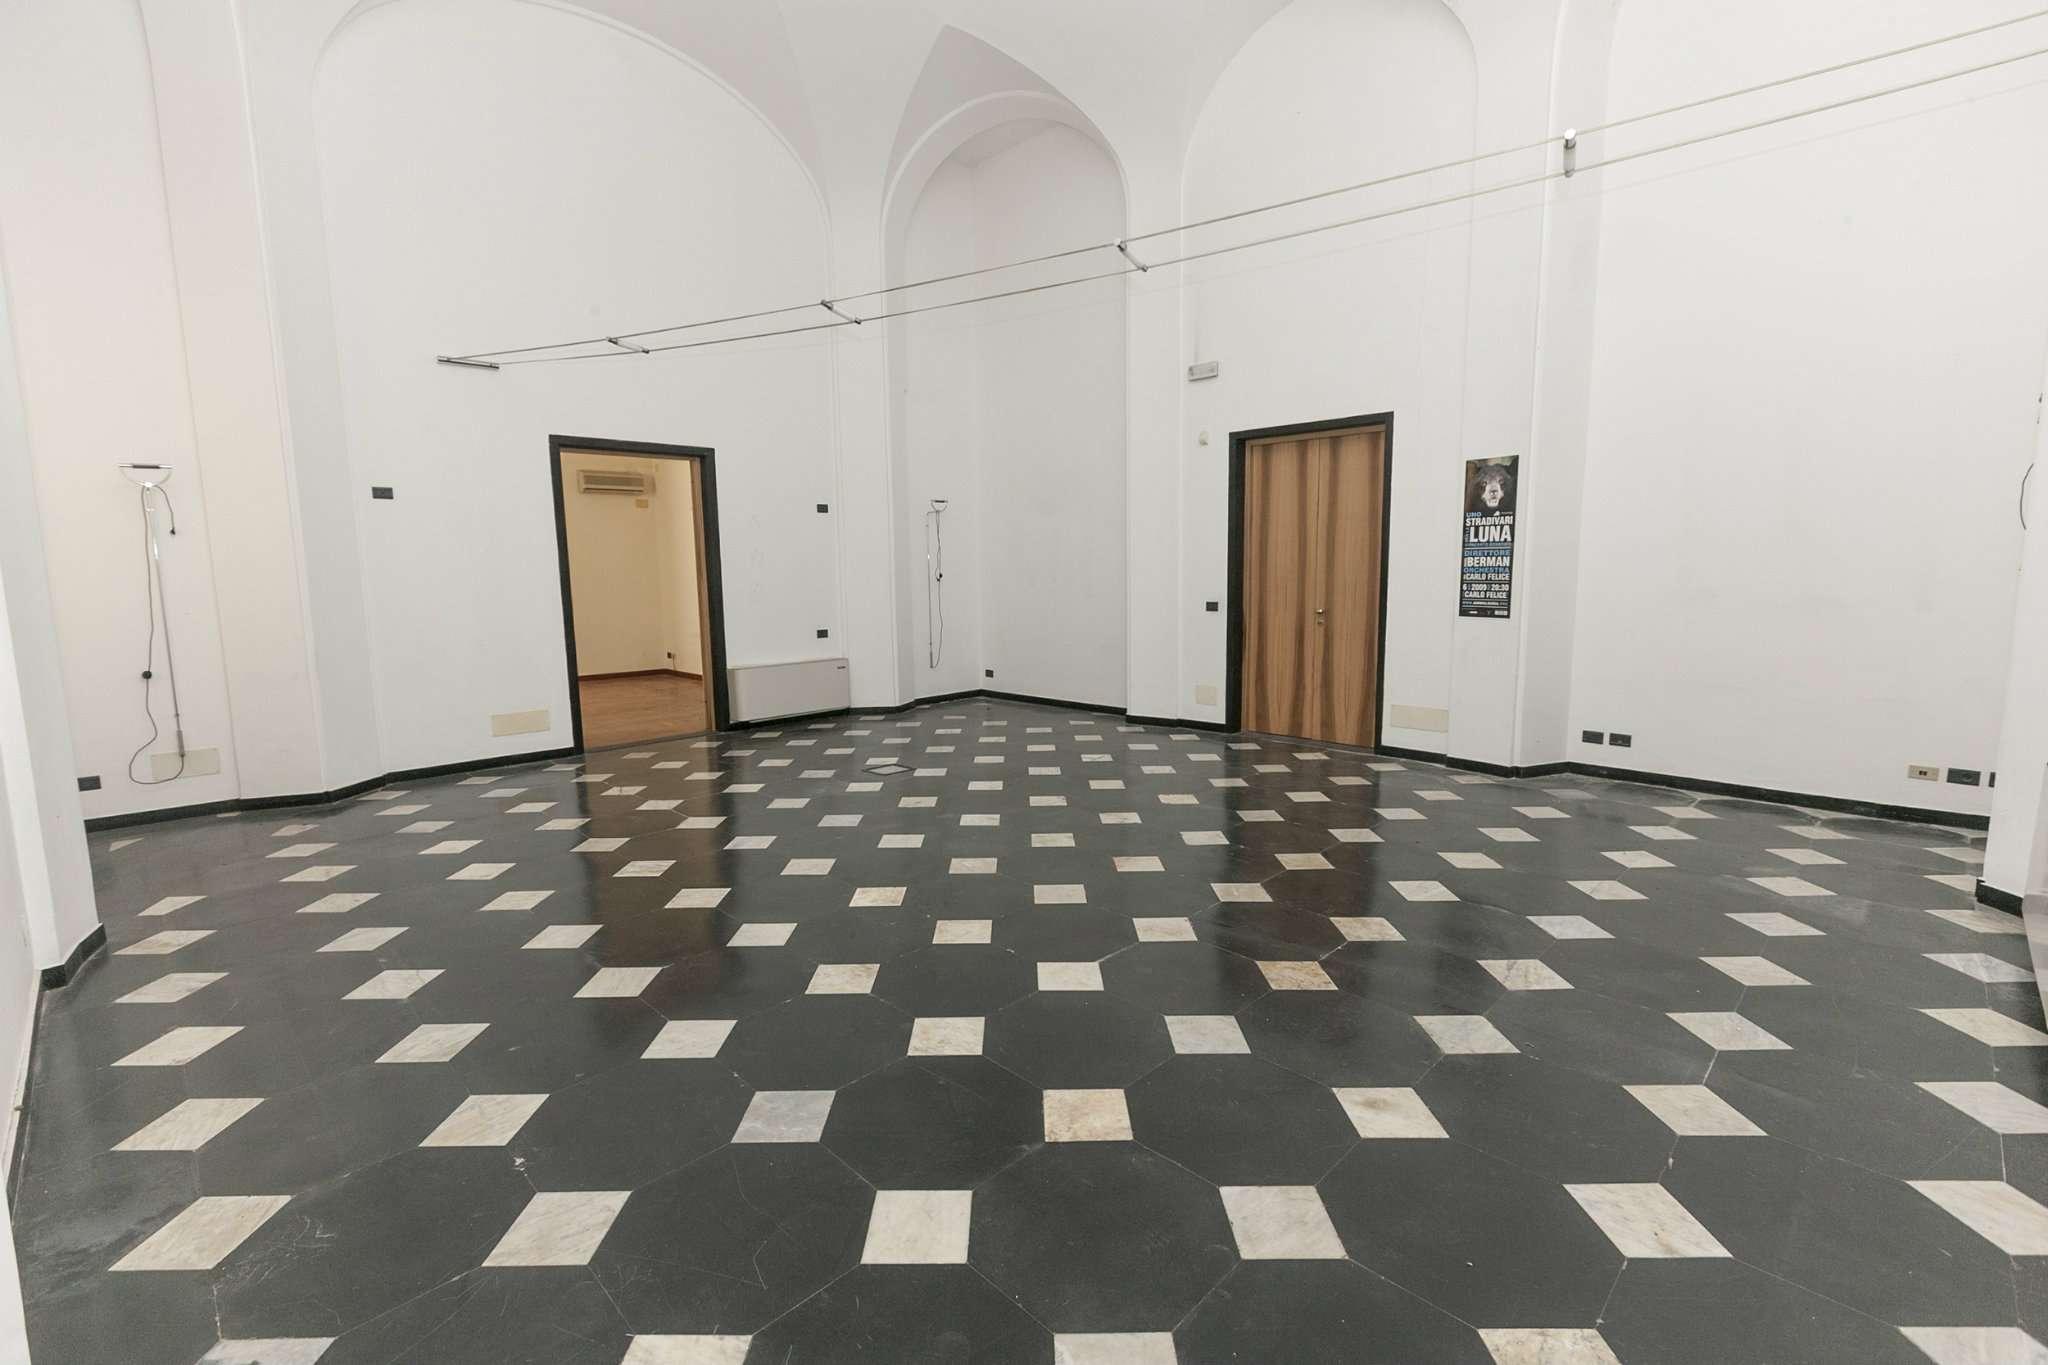 Foto 11 di Loft piazza san marcellino 2, Genova (zona Centro, Centro Storico)